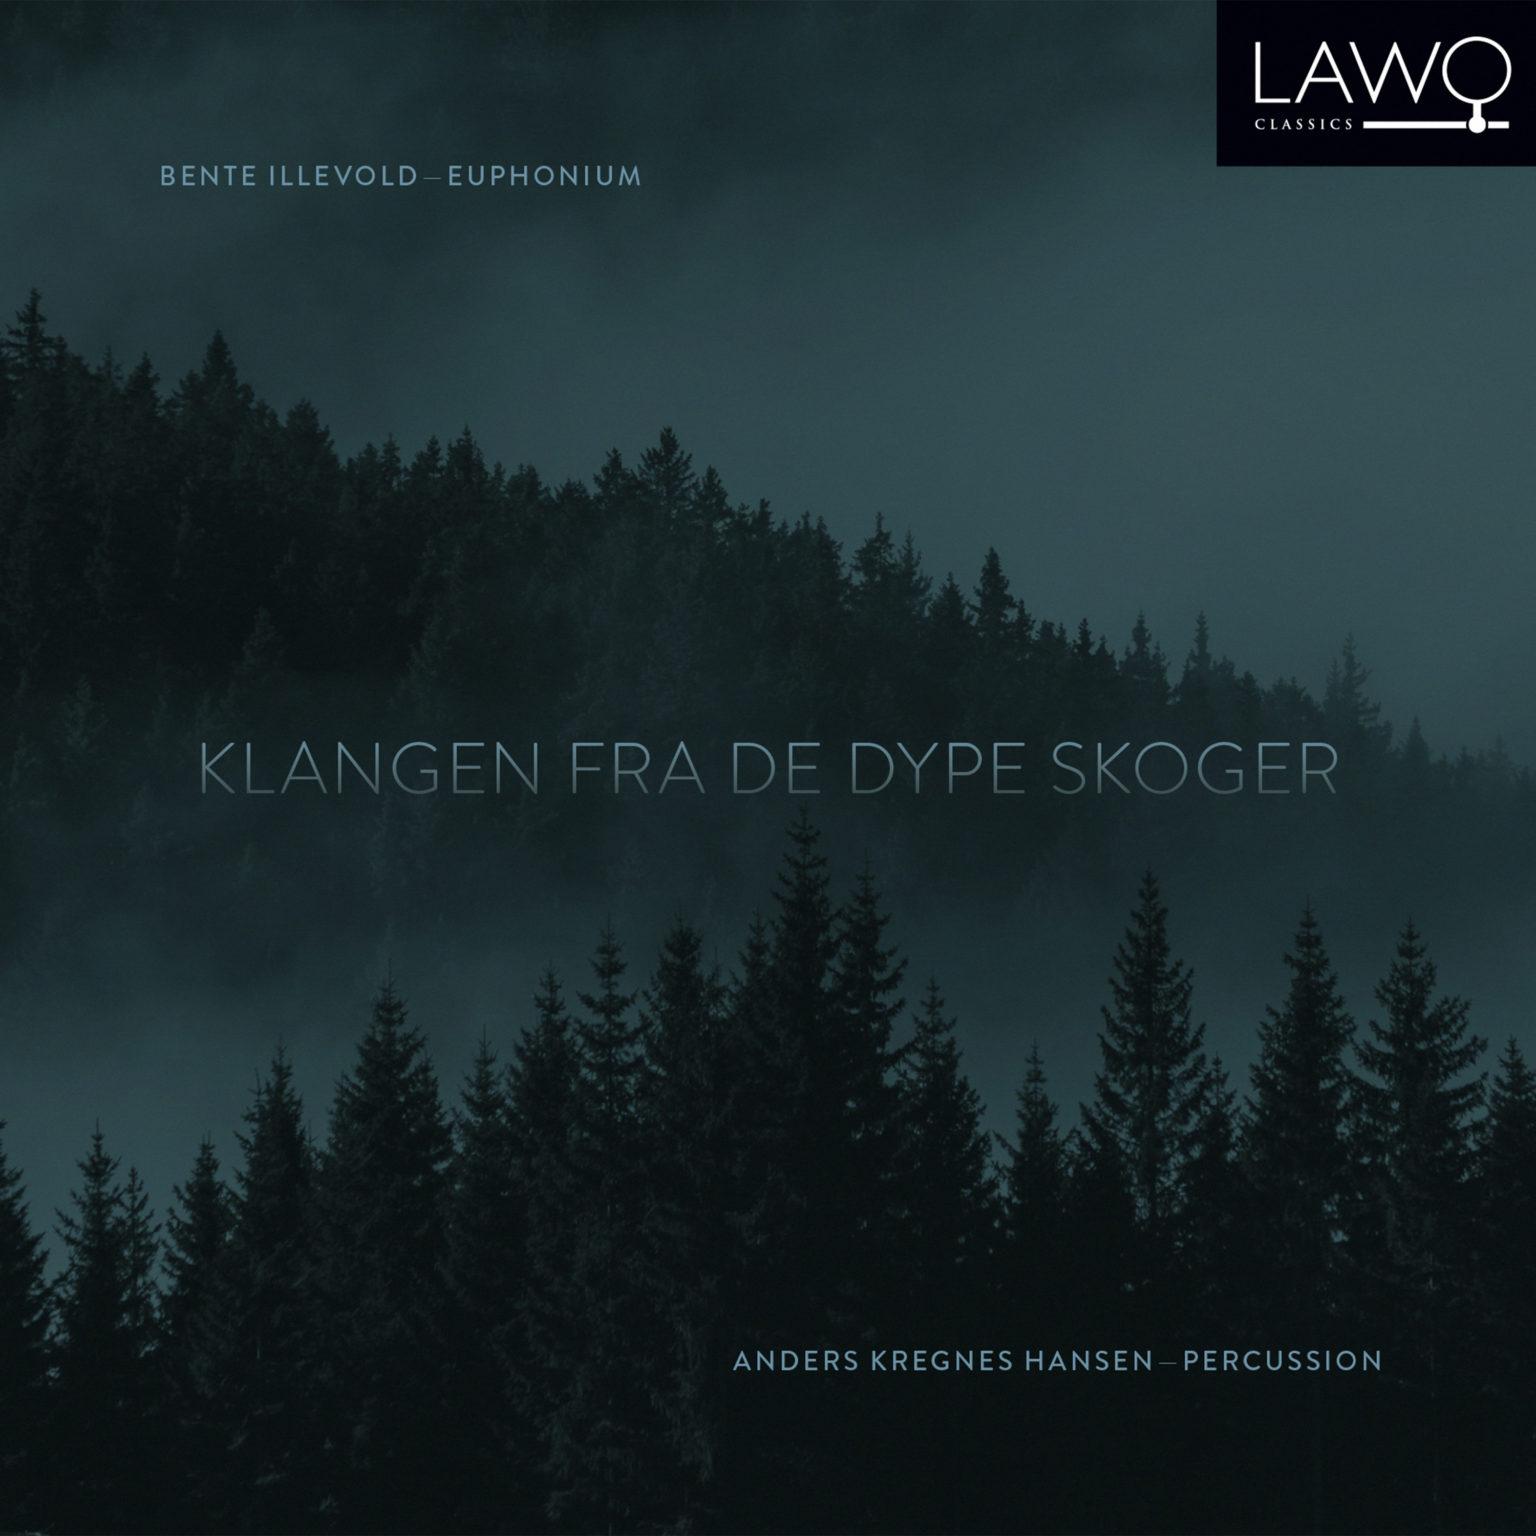 Click image for larger version.  Name:LWC1195_Bente_Illevold_Klangen_fra_de_dype_skoger_cover_3000x3000px-1536x1536.jpg Views:183 Size:174.8 KB ID:7720